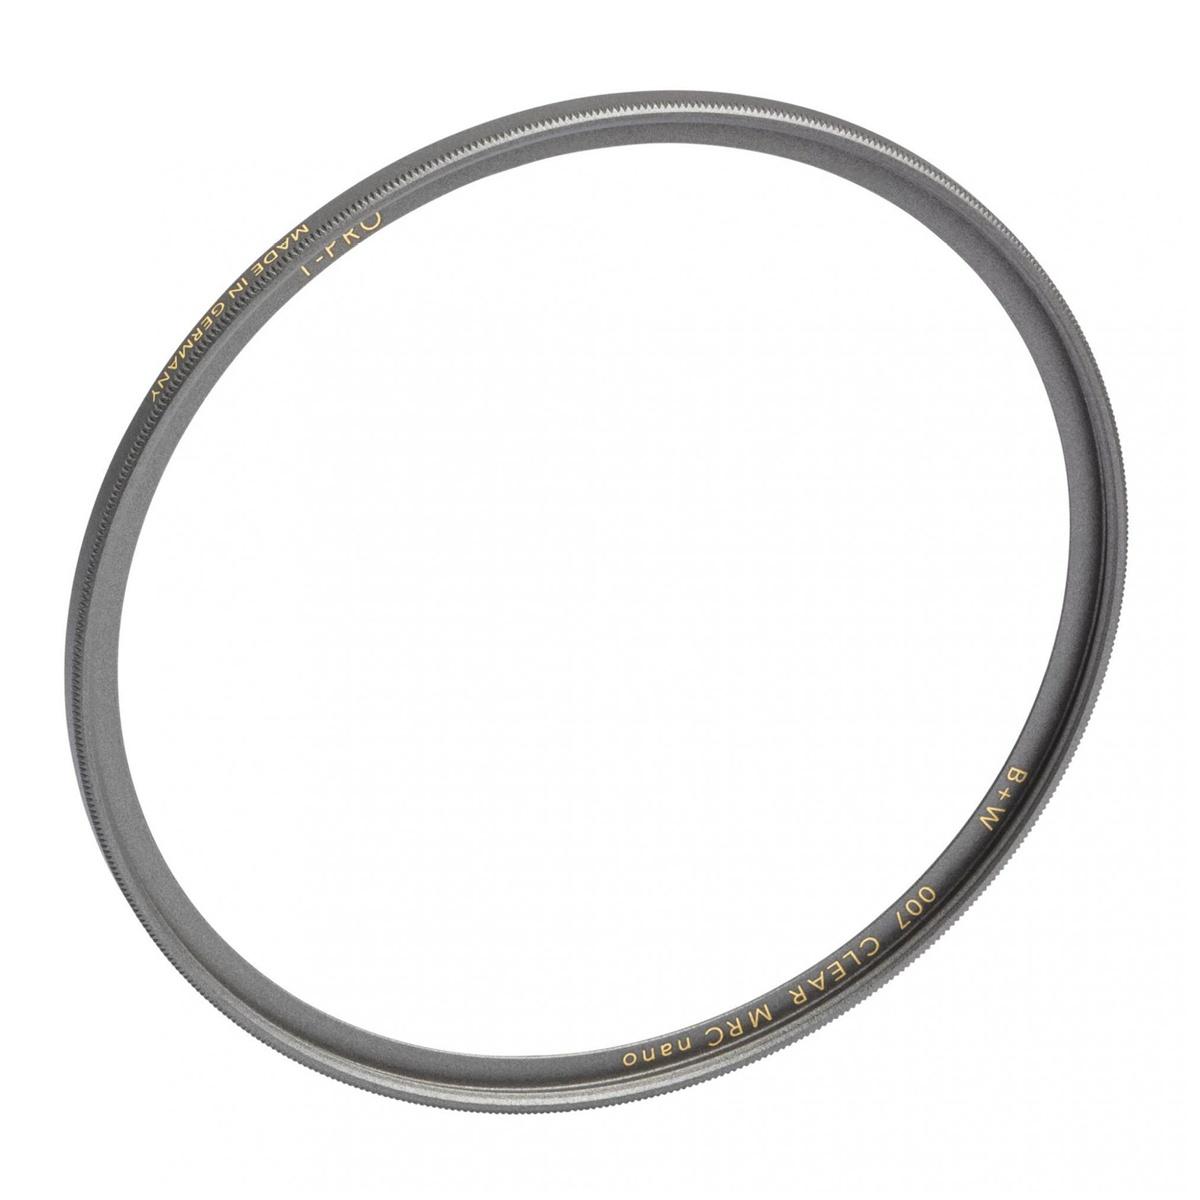 B+W Clear Filter 72 mm T-Pro